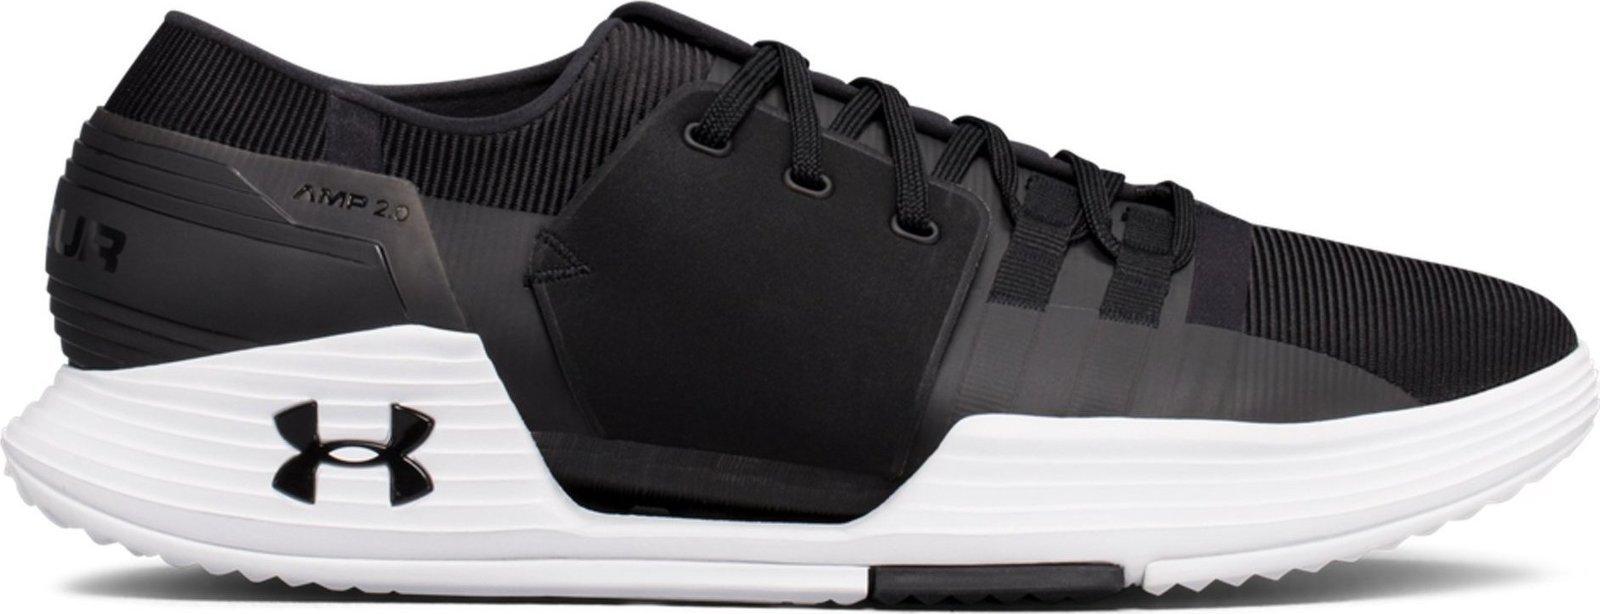 Zapatillas de fitness Under Armour Speedform AMP 2.0